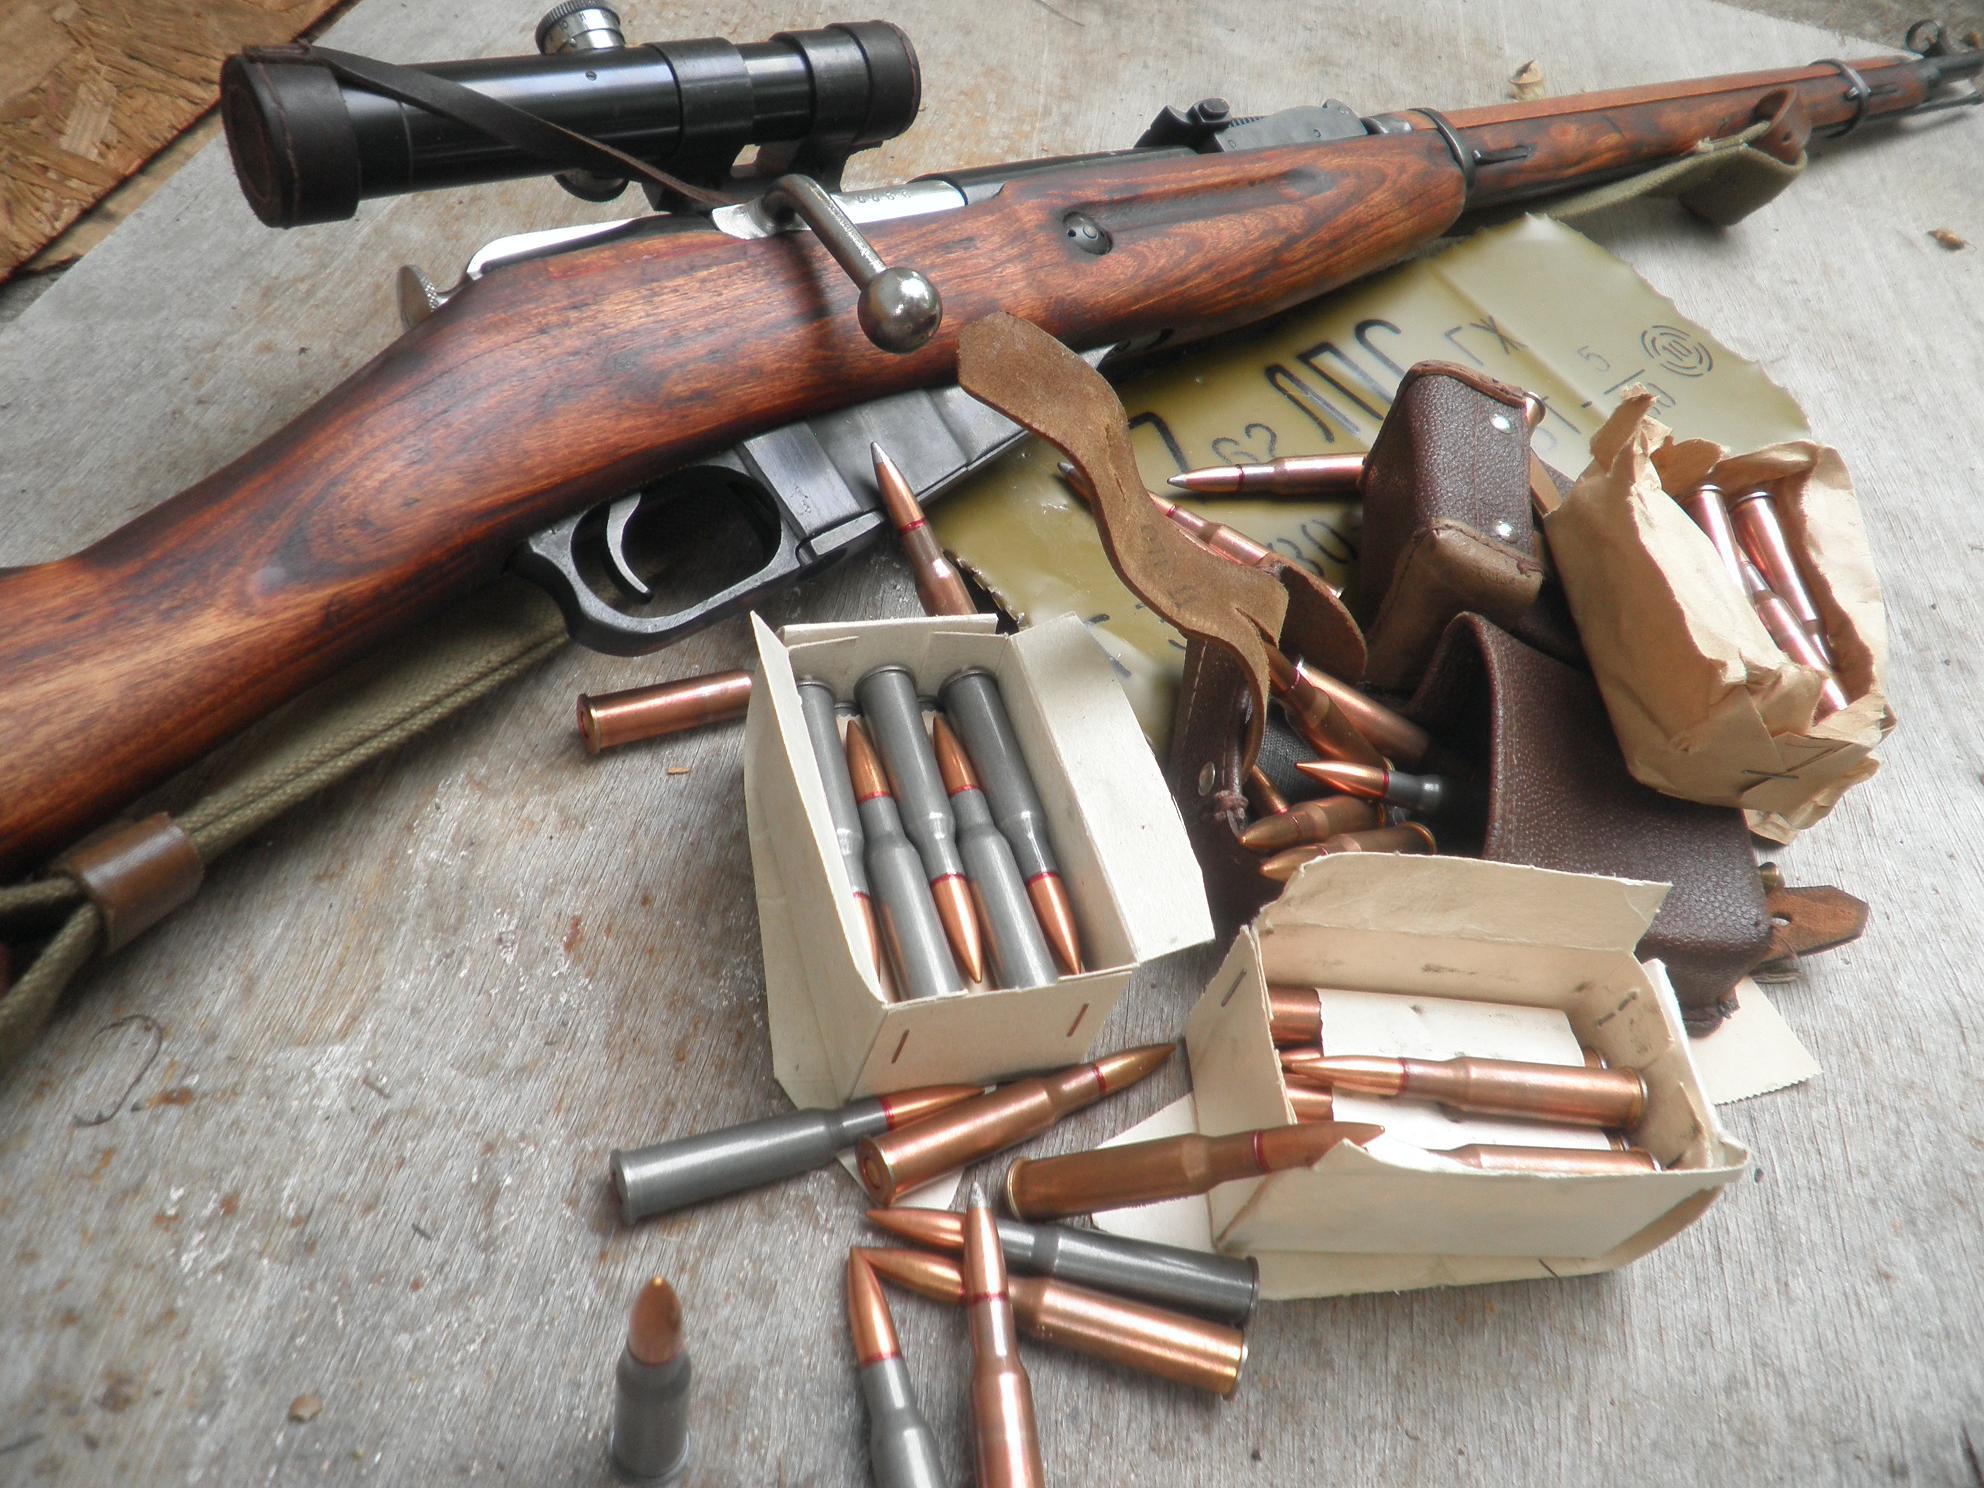 Carabina de cerrojo y balas - 1984x1488